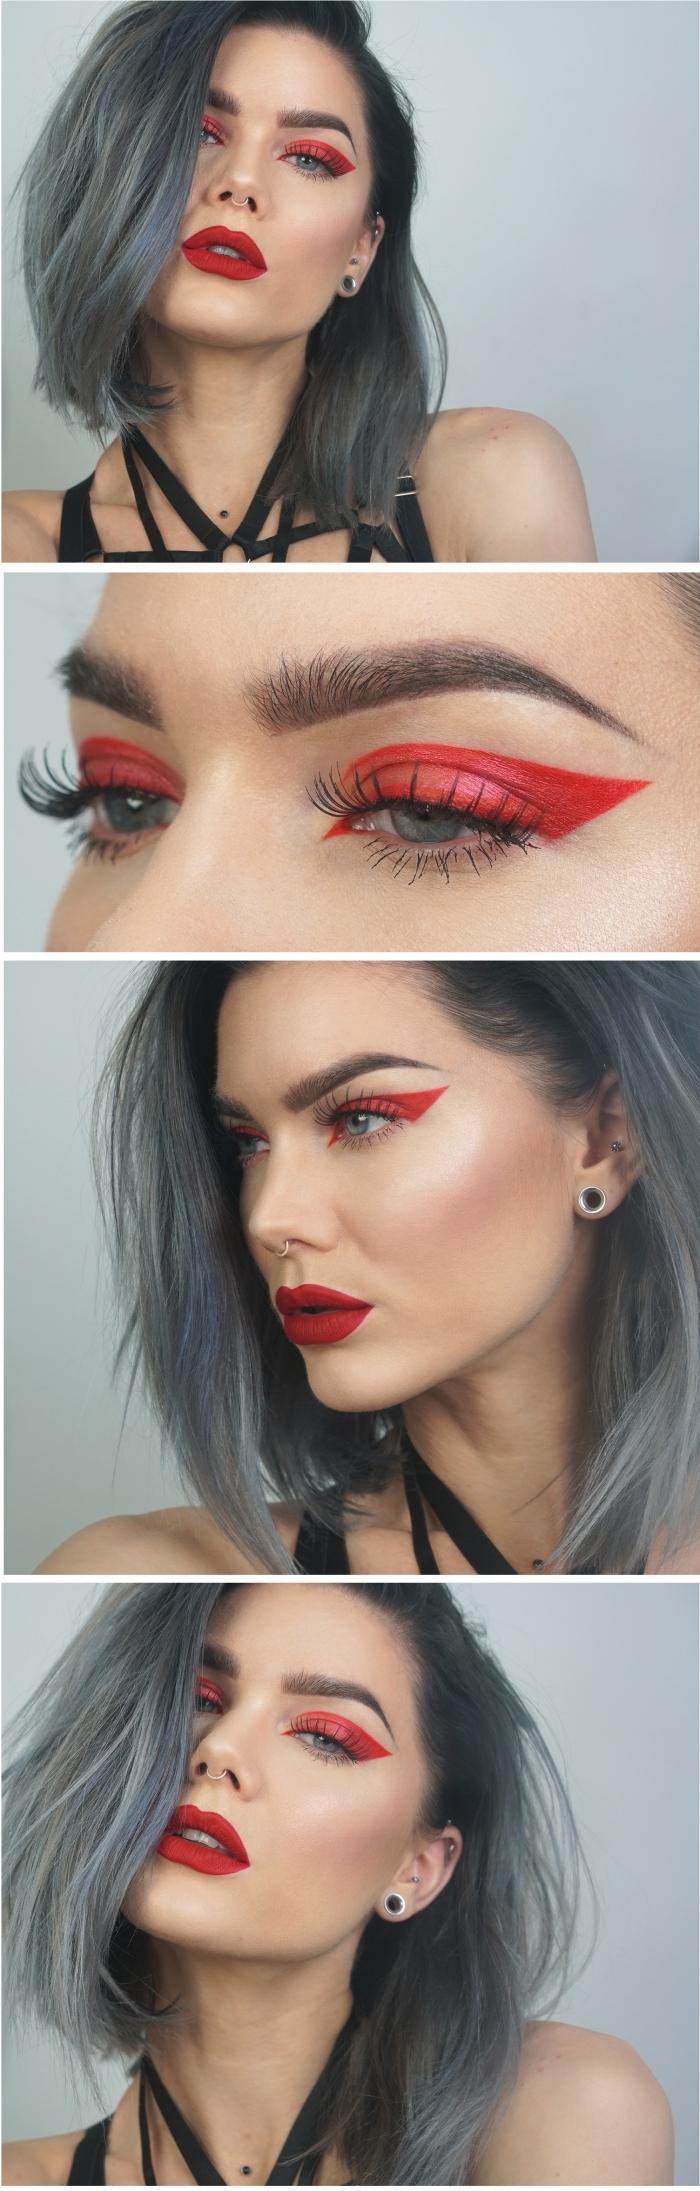 maquillage des yeux rouge avec un regard souligné par un trait d'eye-liner épais et intense, idée de maquillage halloween facile qui ne fait pas peur